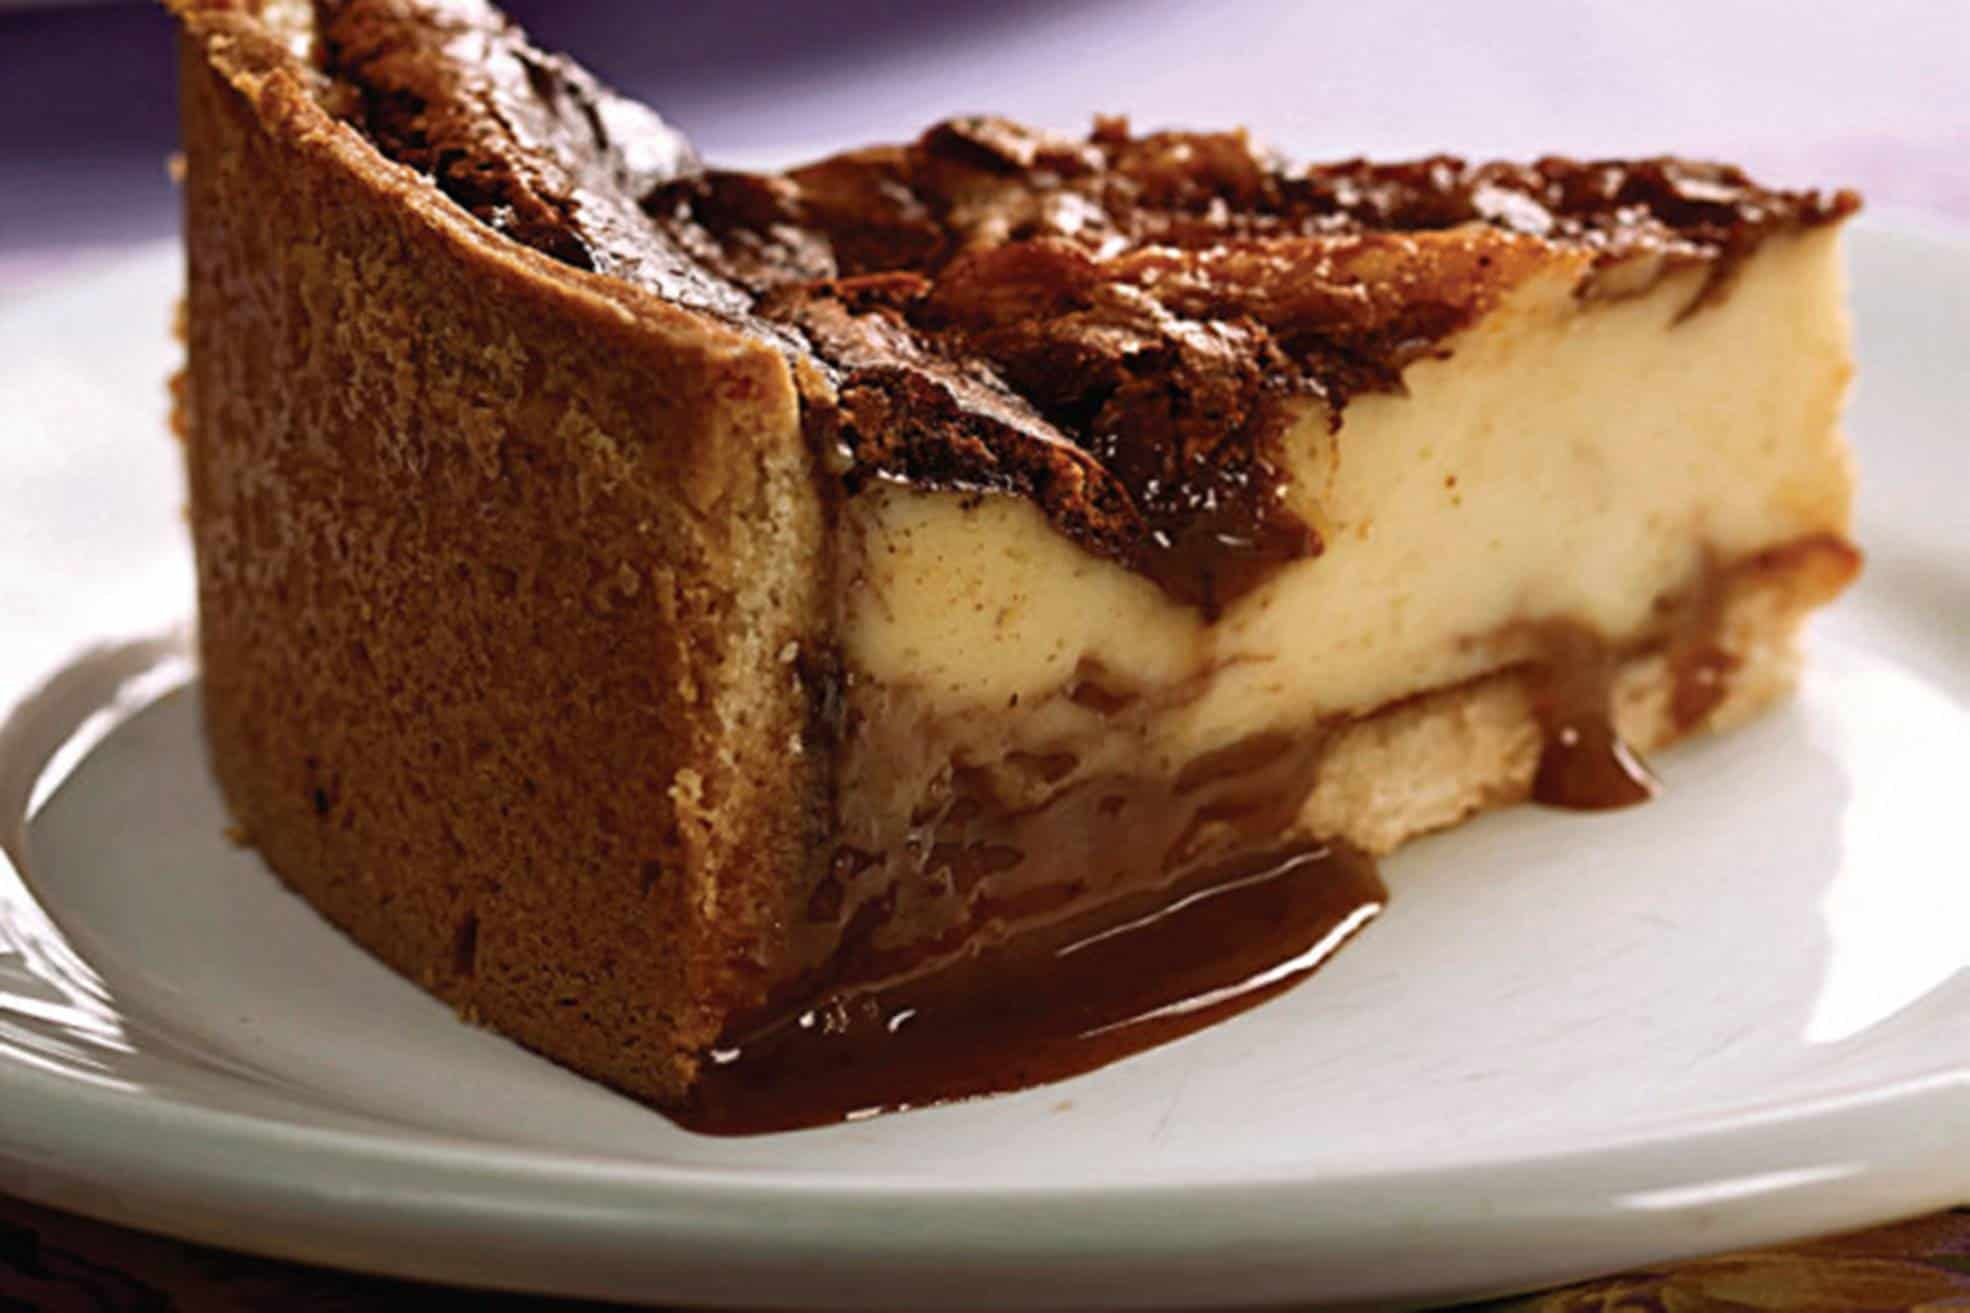 Receitas de tortas super fáceis com leite condensado para experimentar